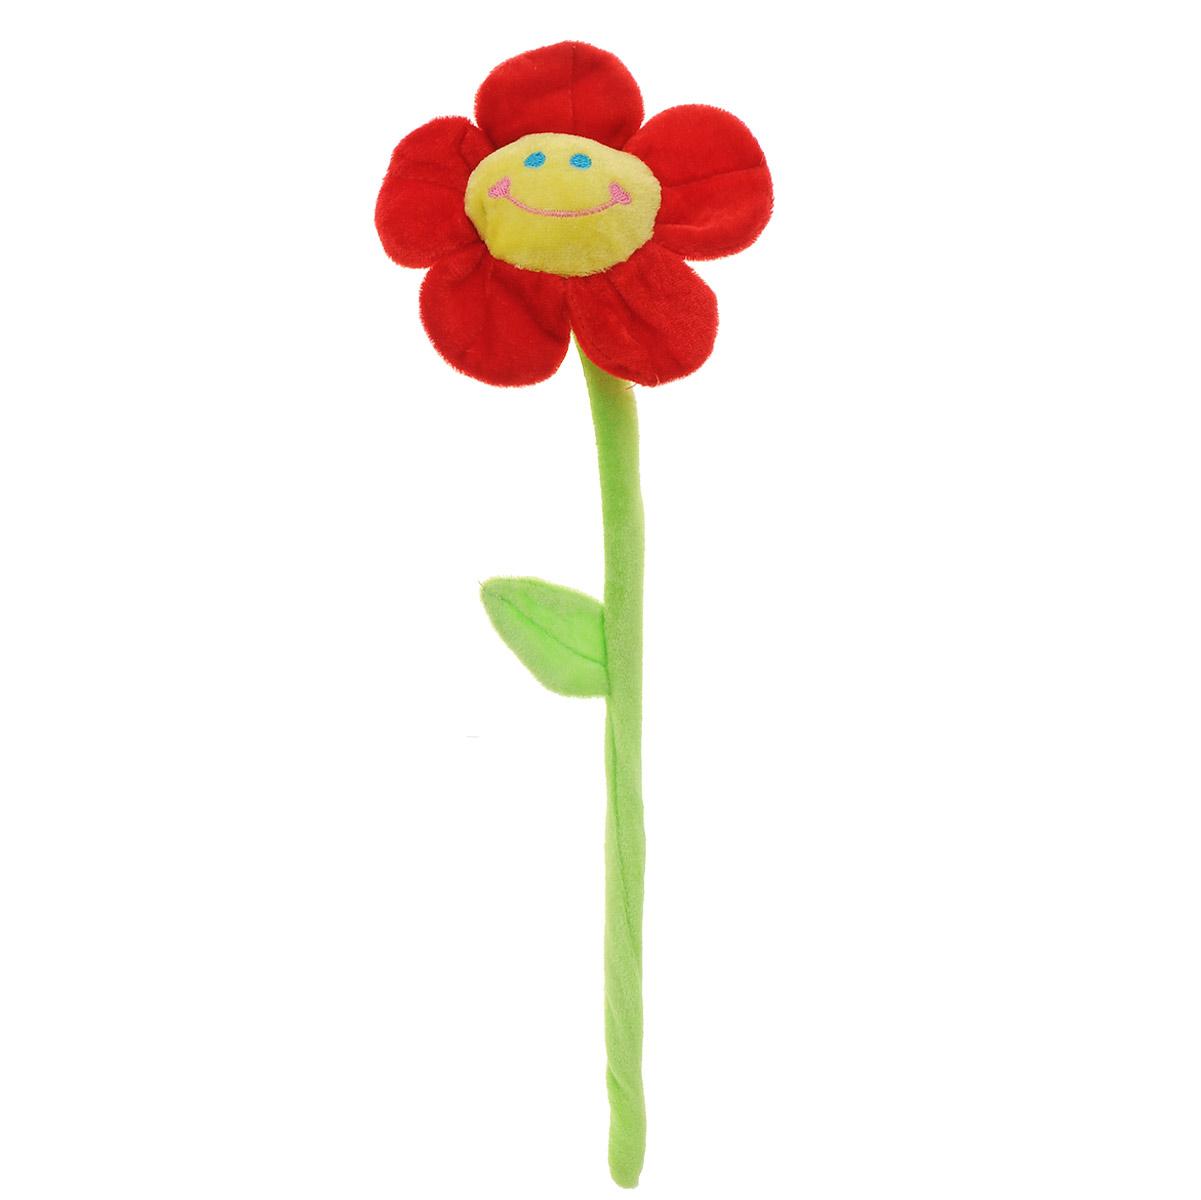 Мягкая игрушка Цветок, цвет: красный, 42,5 смKR-1262_красныйМягкая игрушка Цветок просто создан, чтобы дарить положительные эмоции! Яркий цветочек с улыбающейся мордашкой выполнен из высококачественного и приятного на ощупь материала и снабжен гибким стеблем, благодаря чему его можно закреплять, где захочется. Прекрасный подарок на любой праздник!